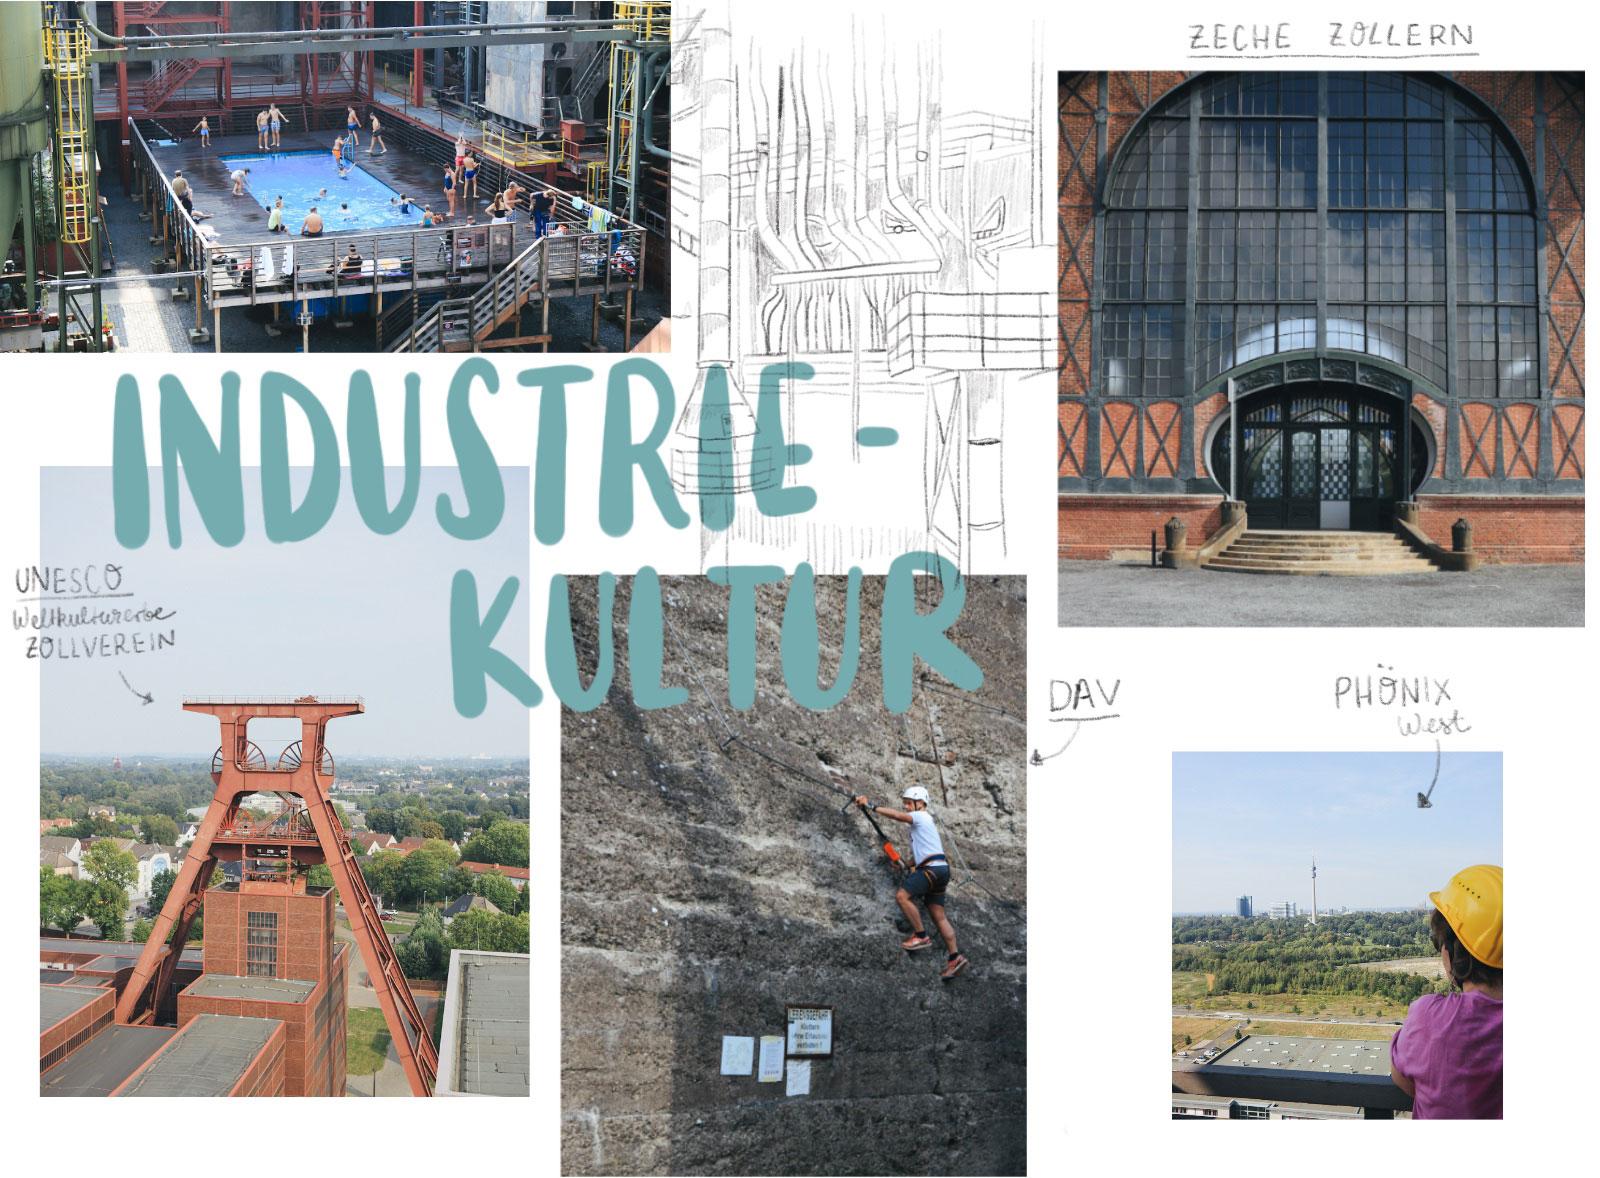 Industriekultur im Ruhrgebiet Ausflugsziele Zollverein Landschaftspark Zollern Ruhrpott Phoenix West Skywalk